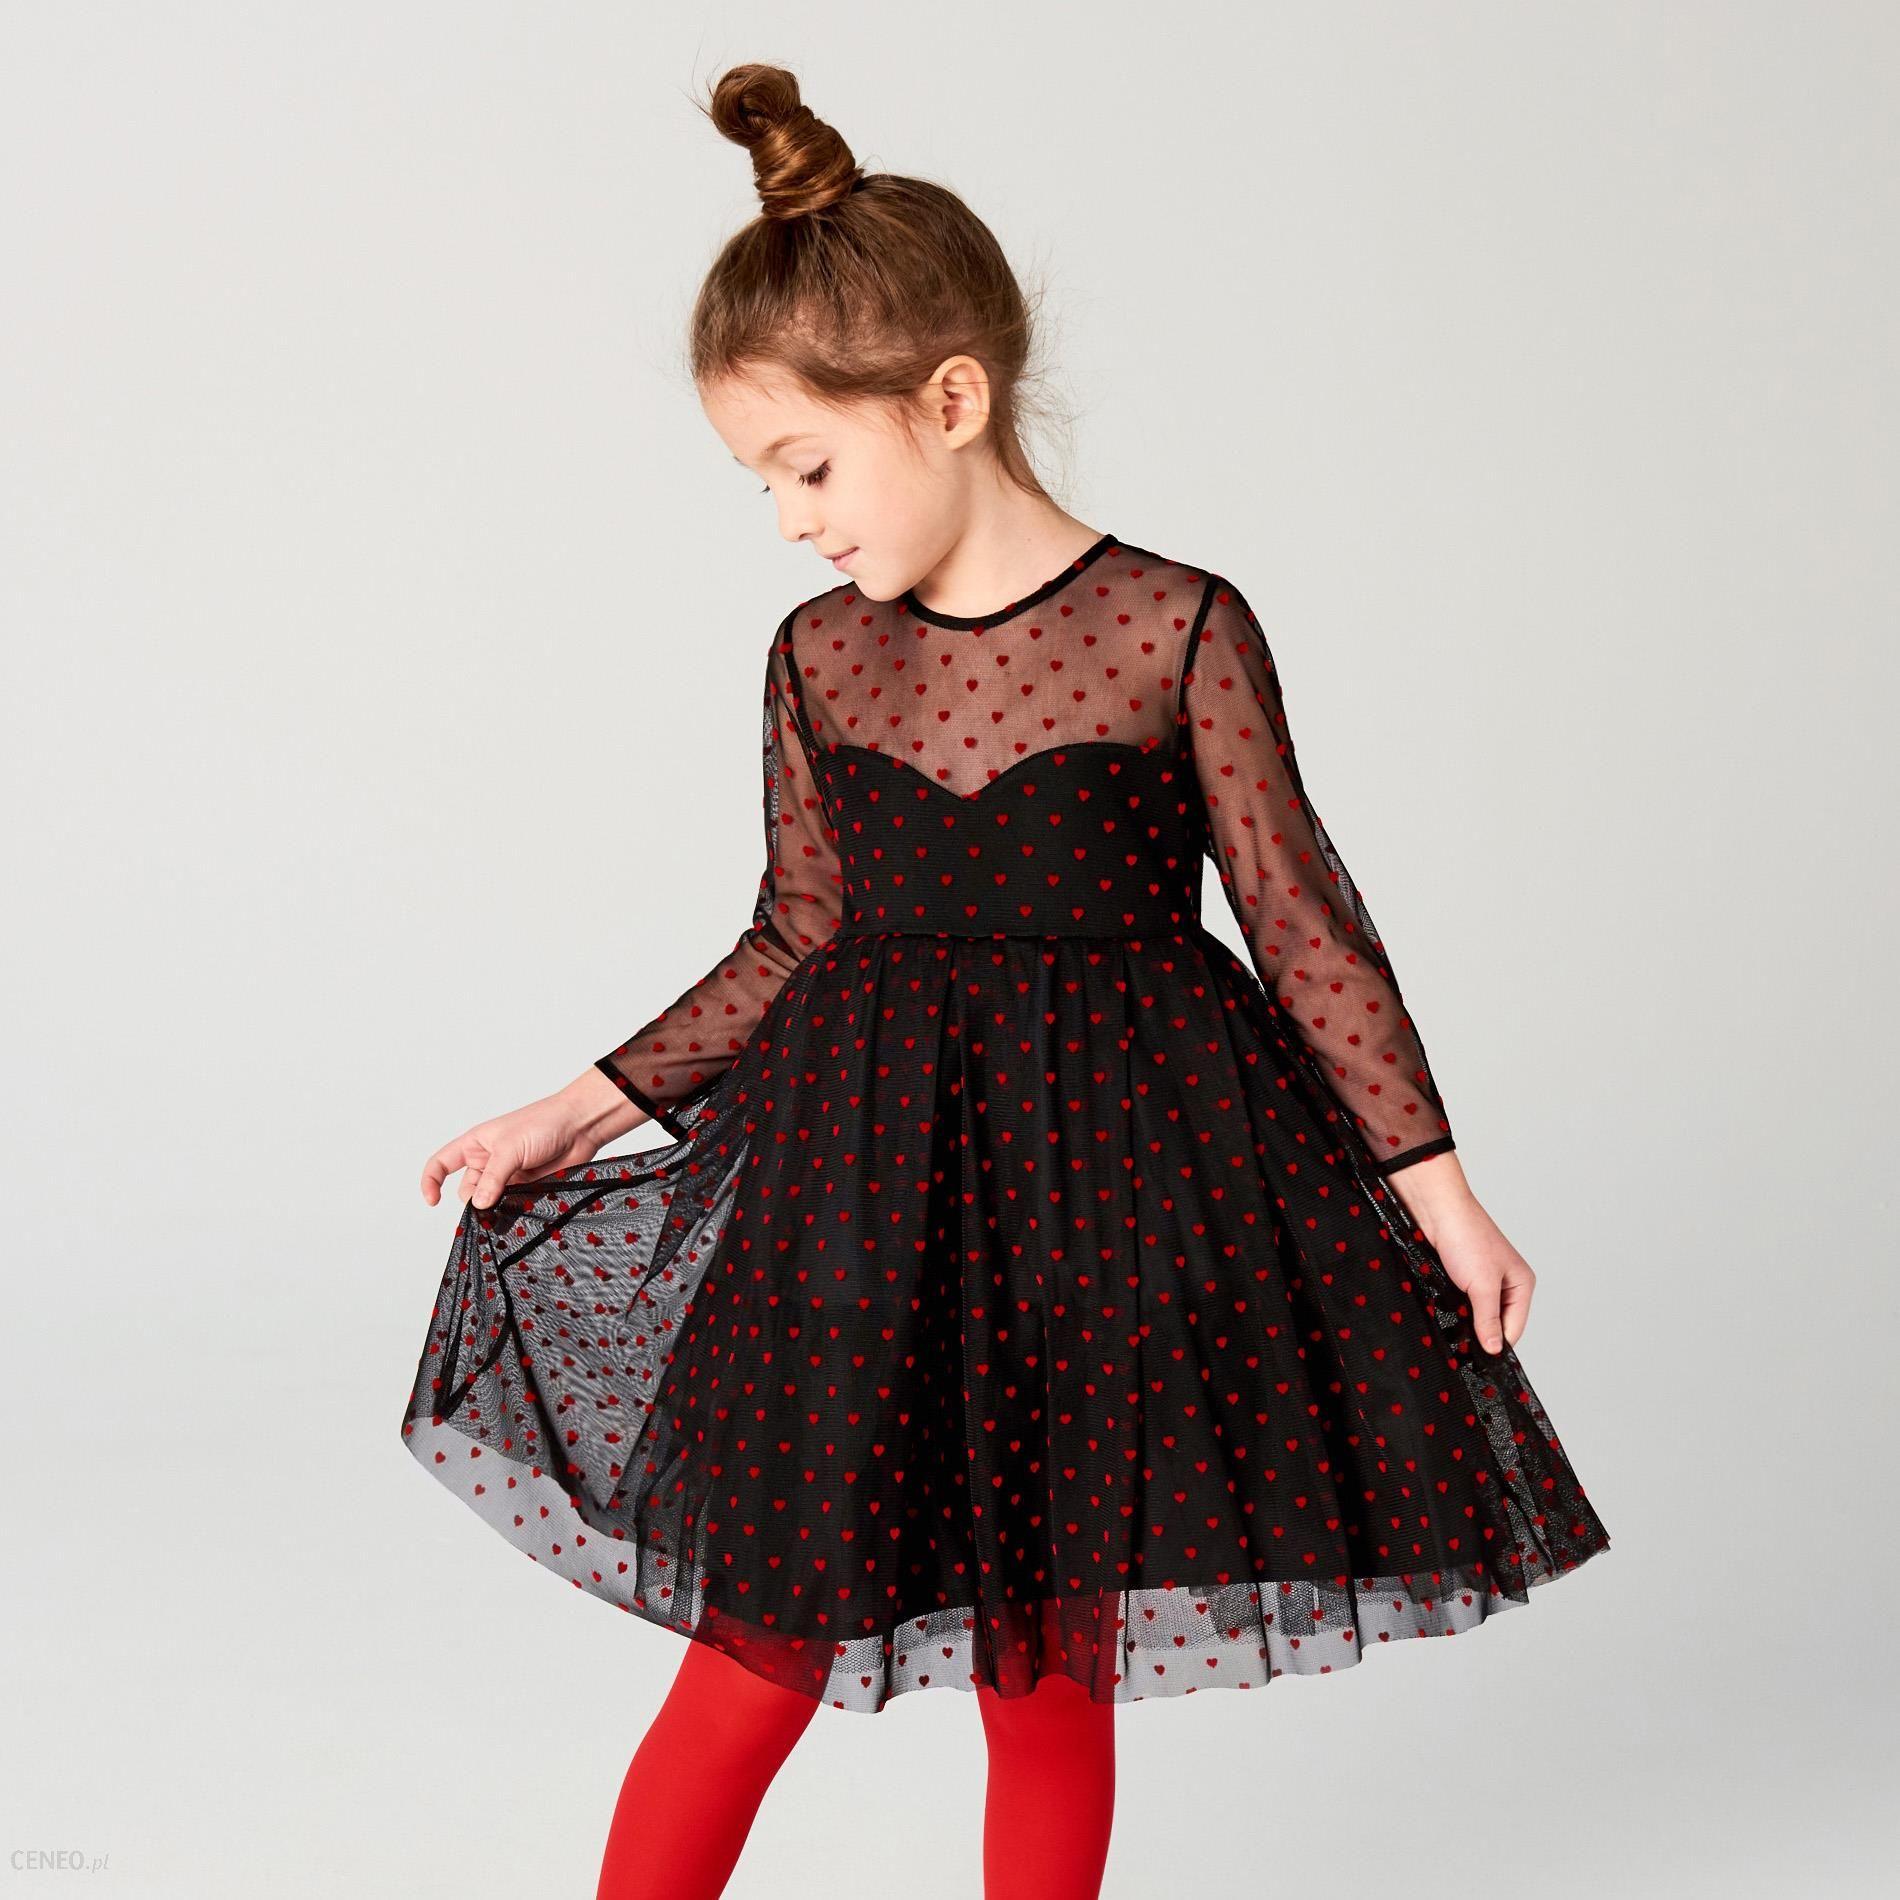 c84c3d1c40 Fantastyczny Mohito - Tiulowa sukienka dla dziewczynki little princess -  Czarny  EB-82